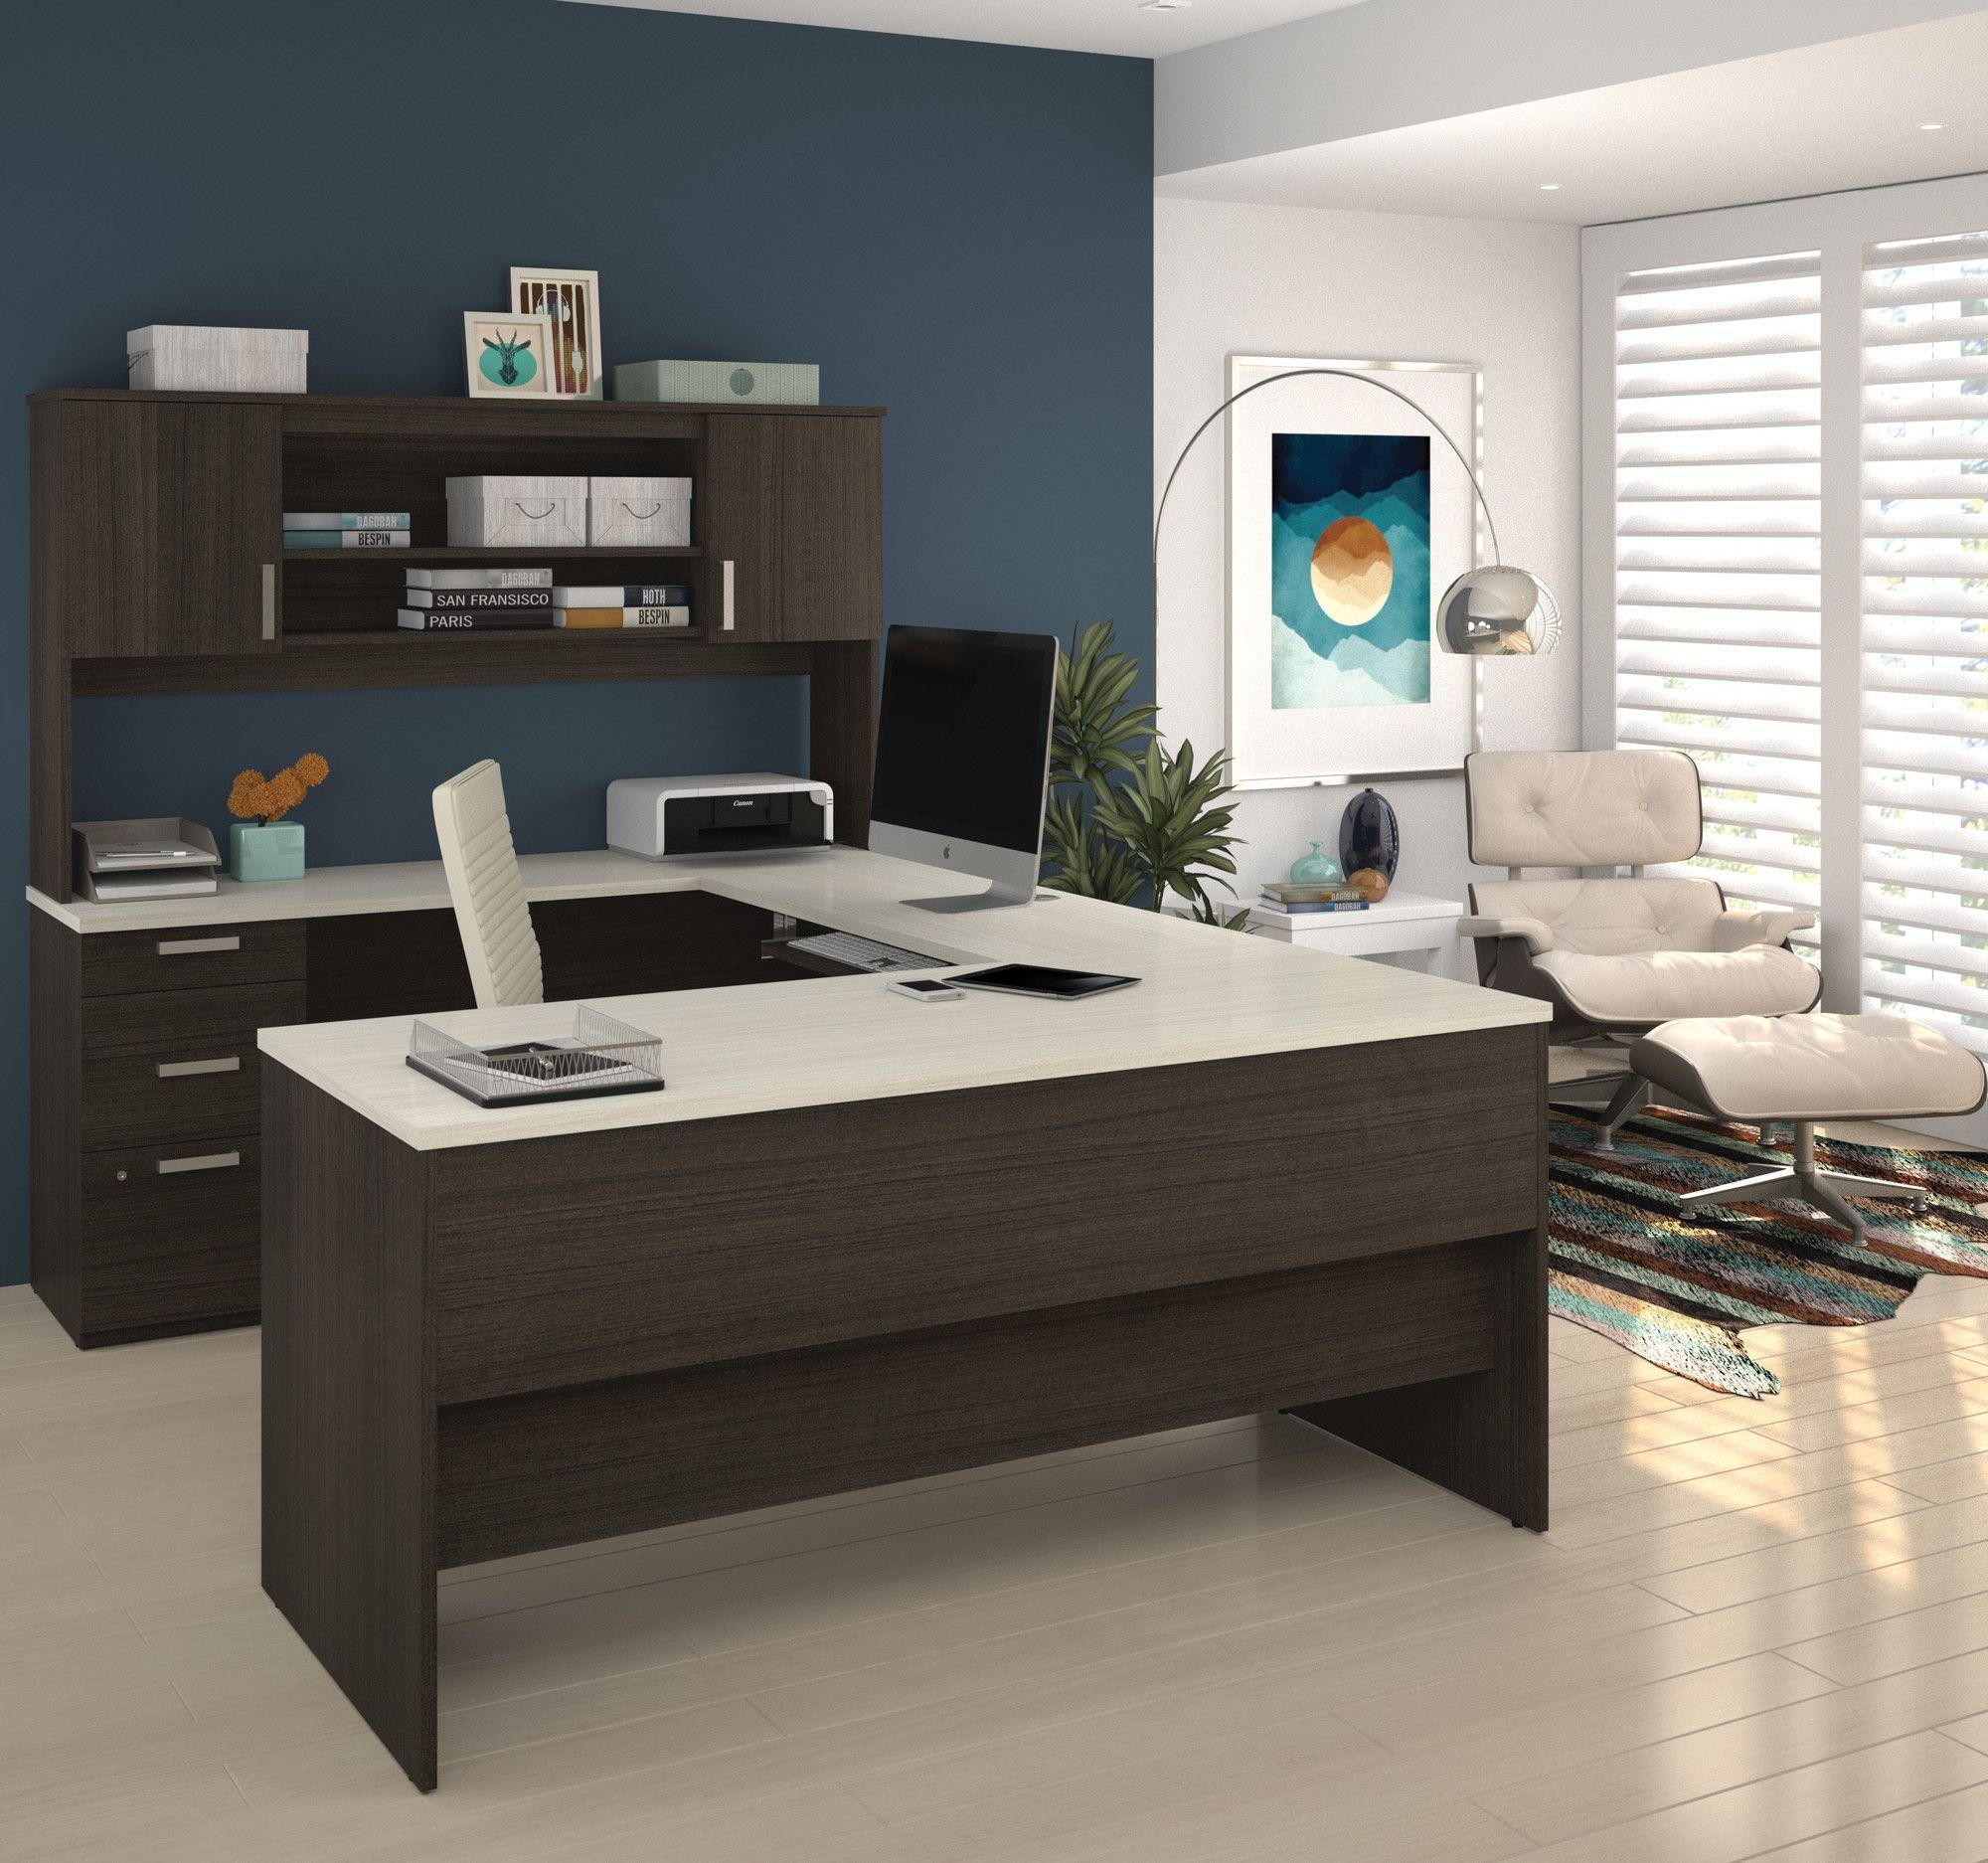 Barts U Shape Executive Desk U Shaped Office Desk Home Office Furniture Home Office Design